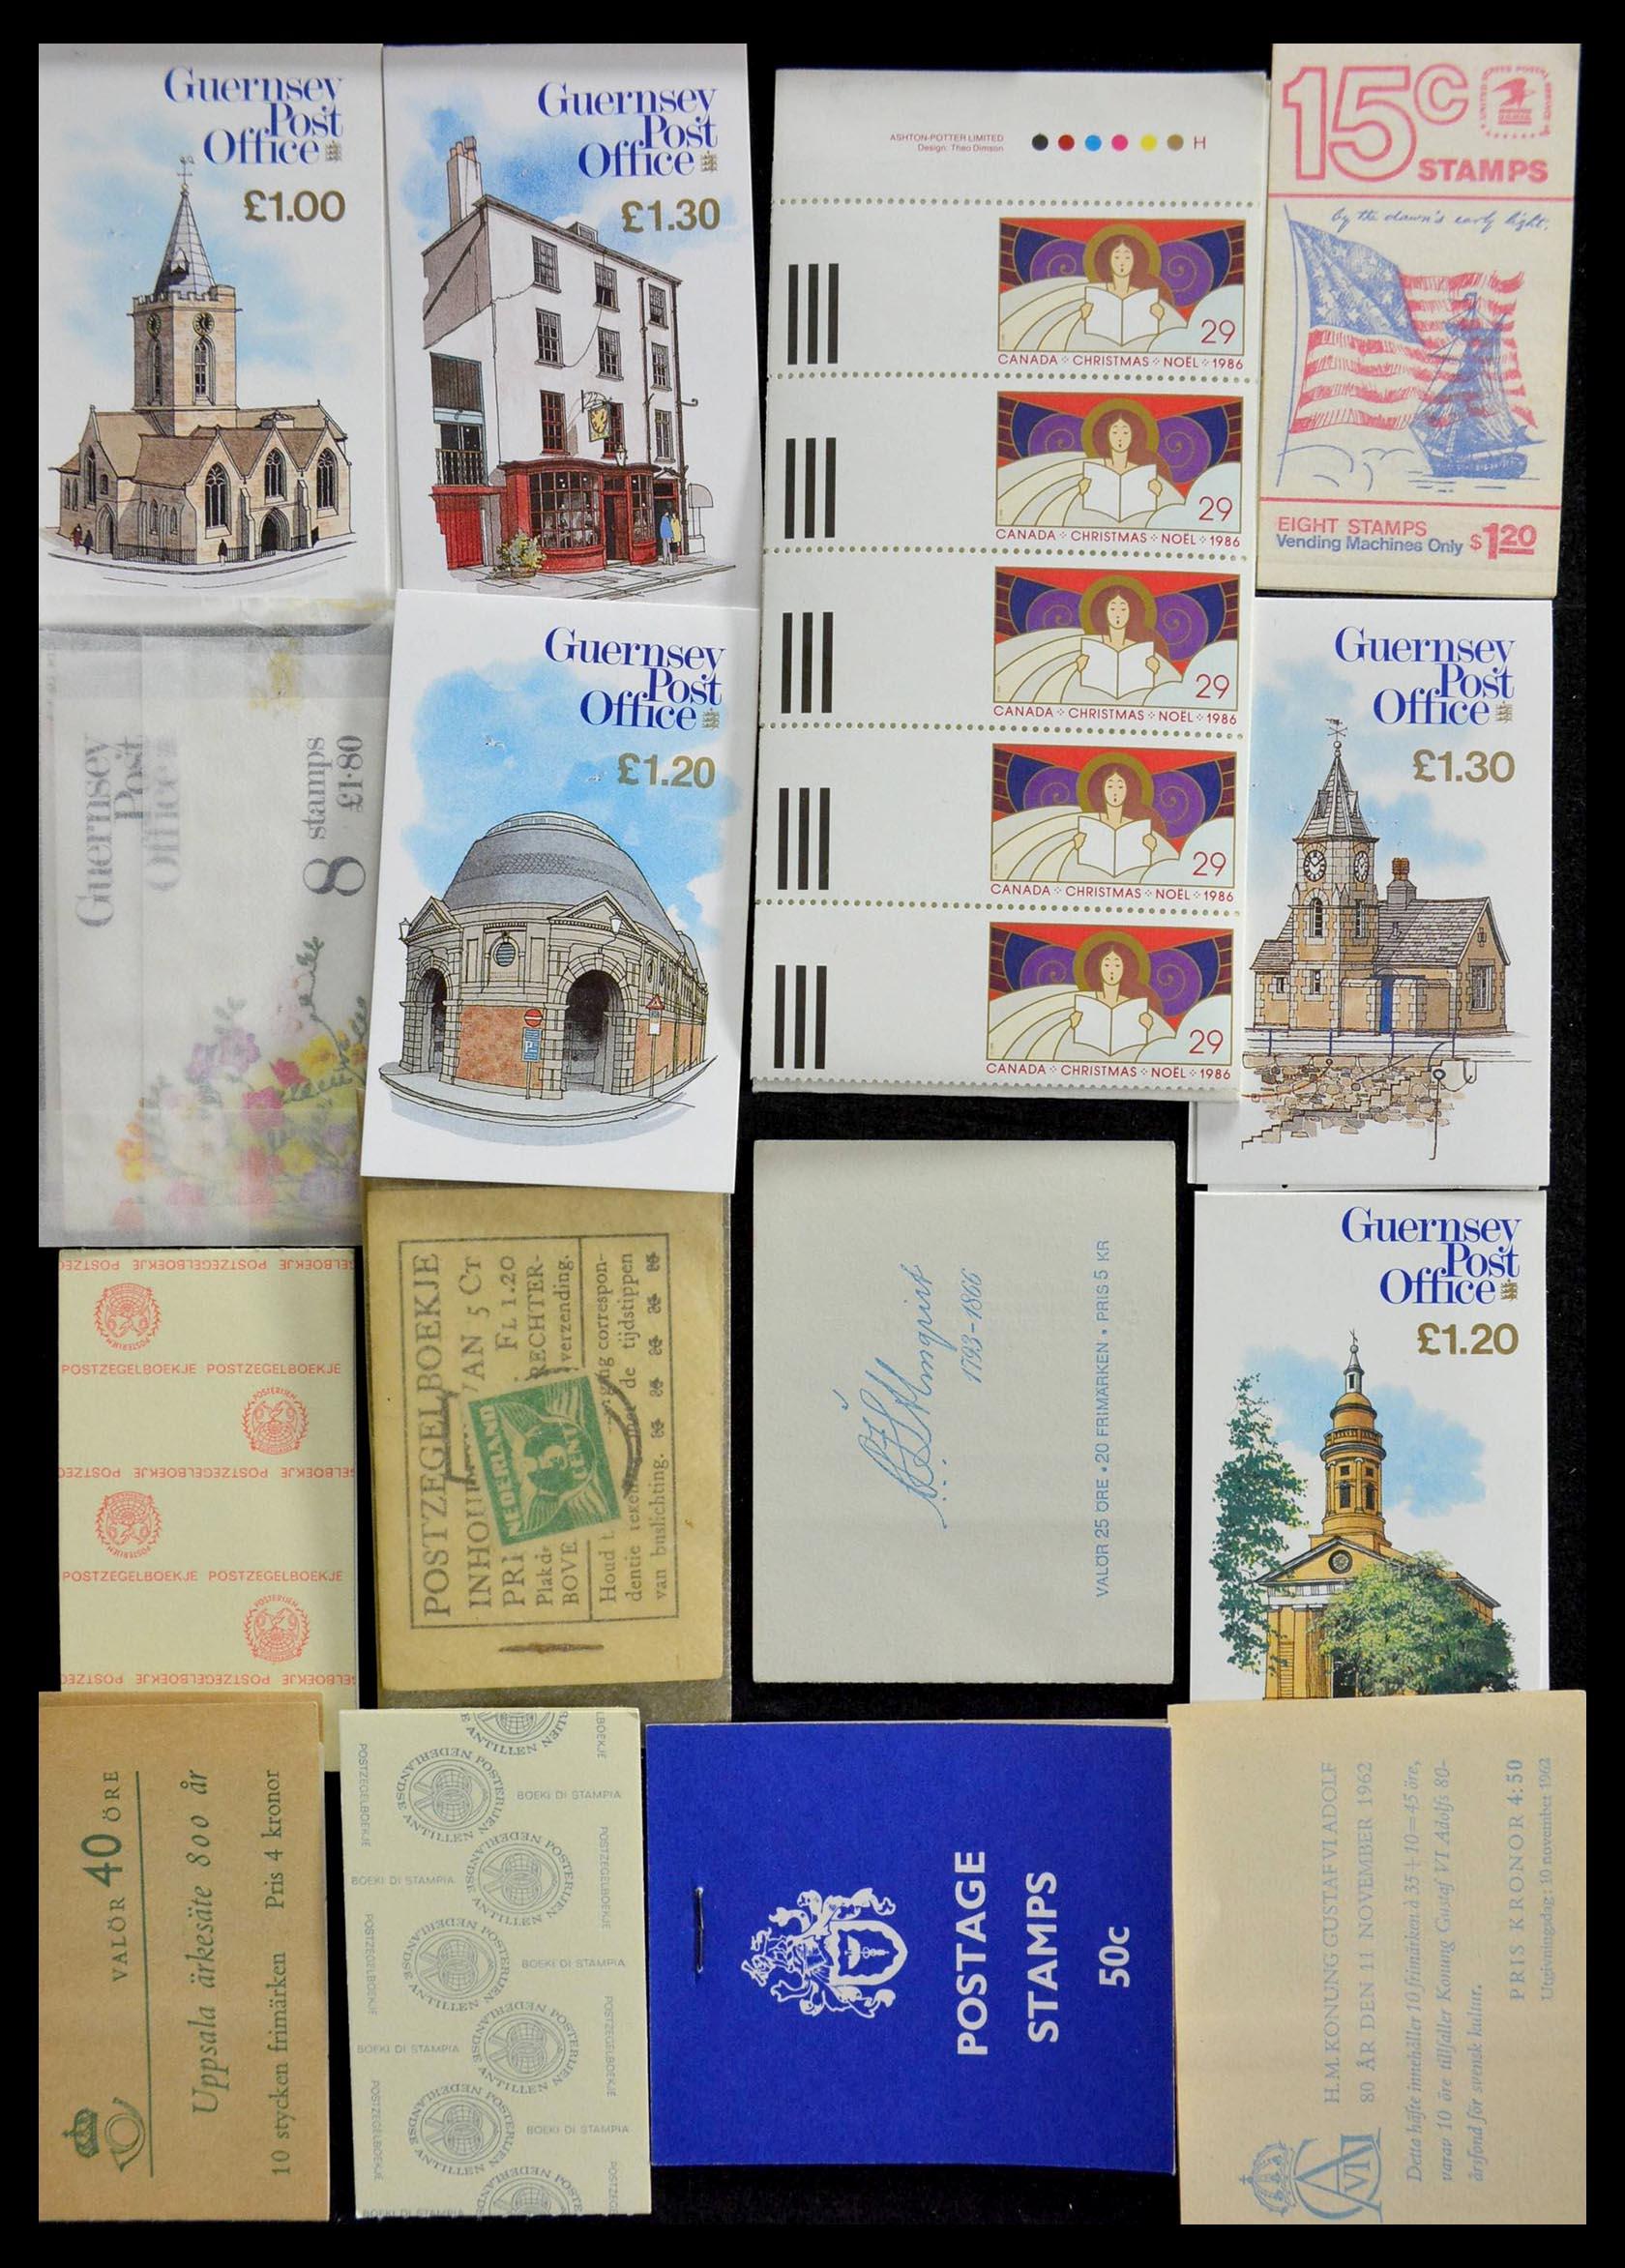 28824 005 - 28824 West Europa postzegelboekjes t/m modern.